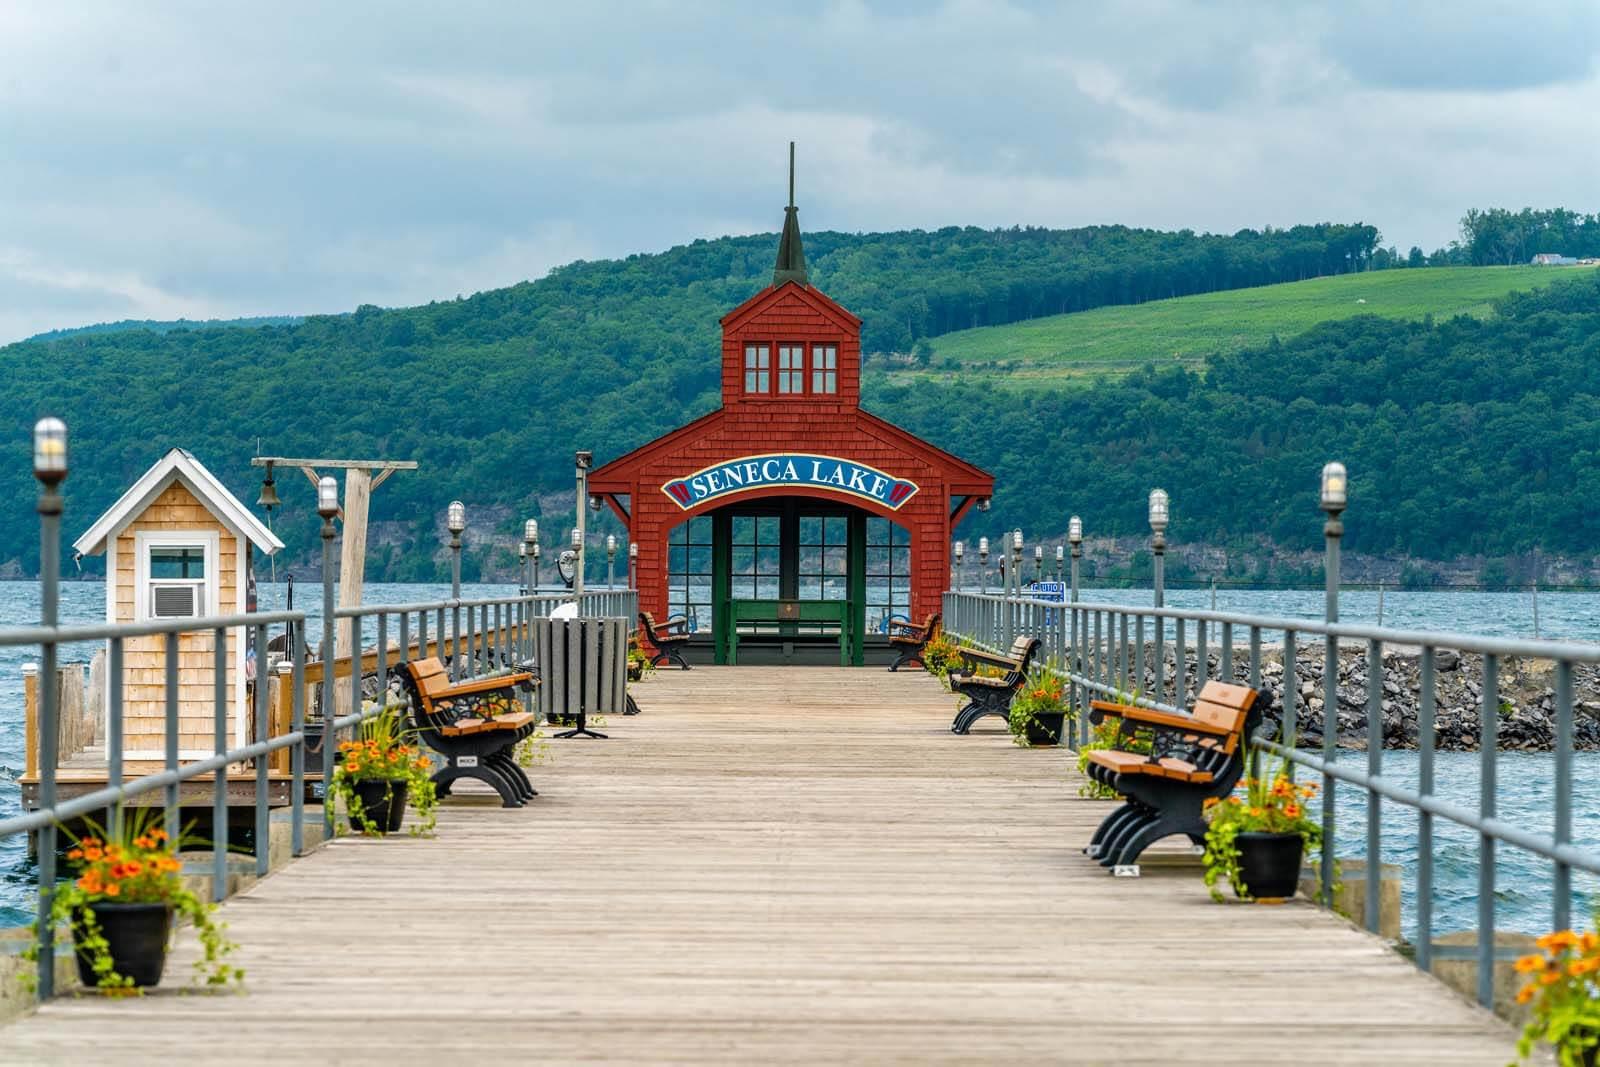 Seneca Lake Harbor in Watkins Glen New York in the Finger Lakes region